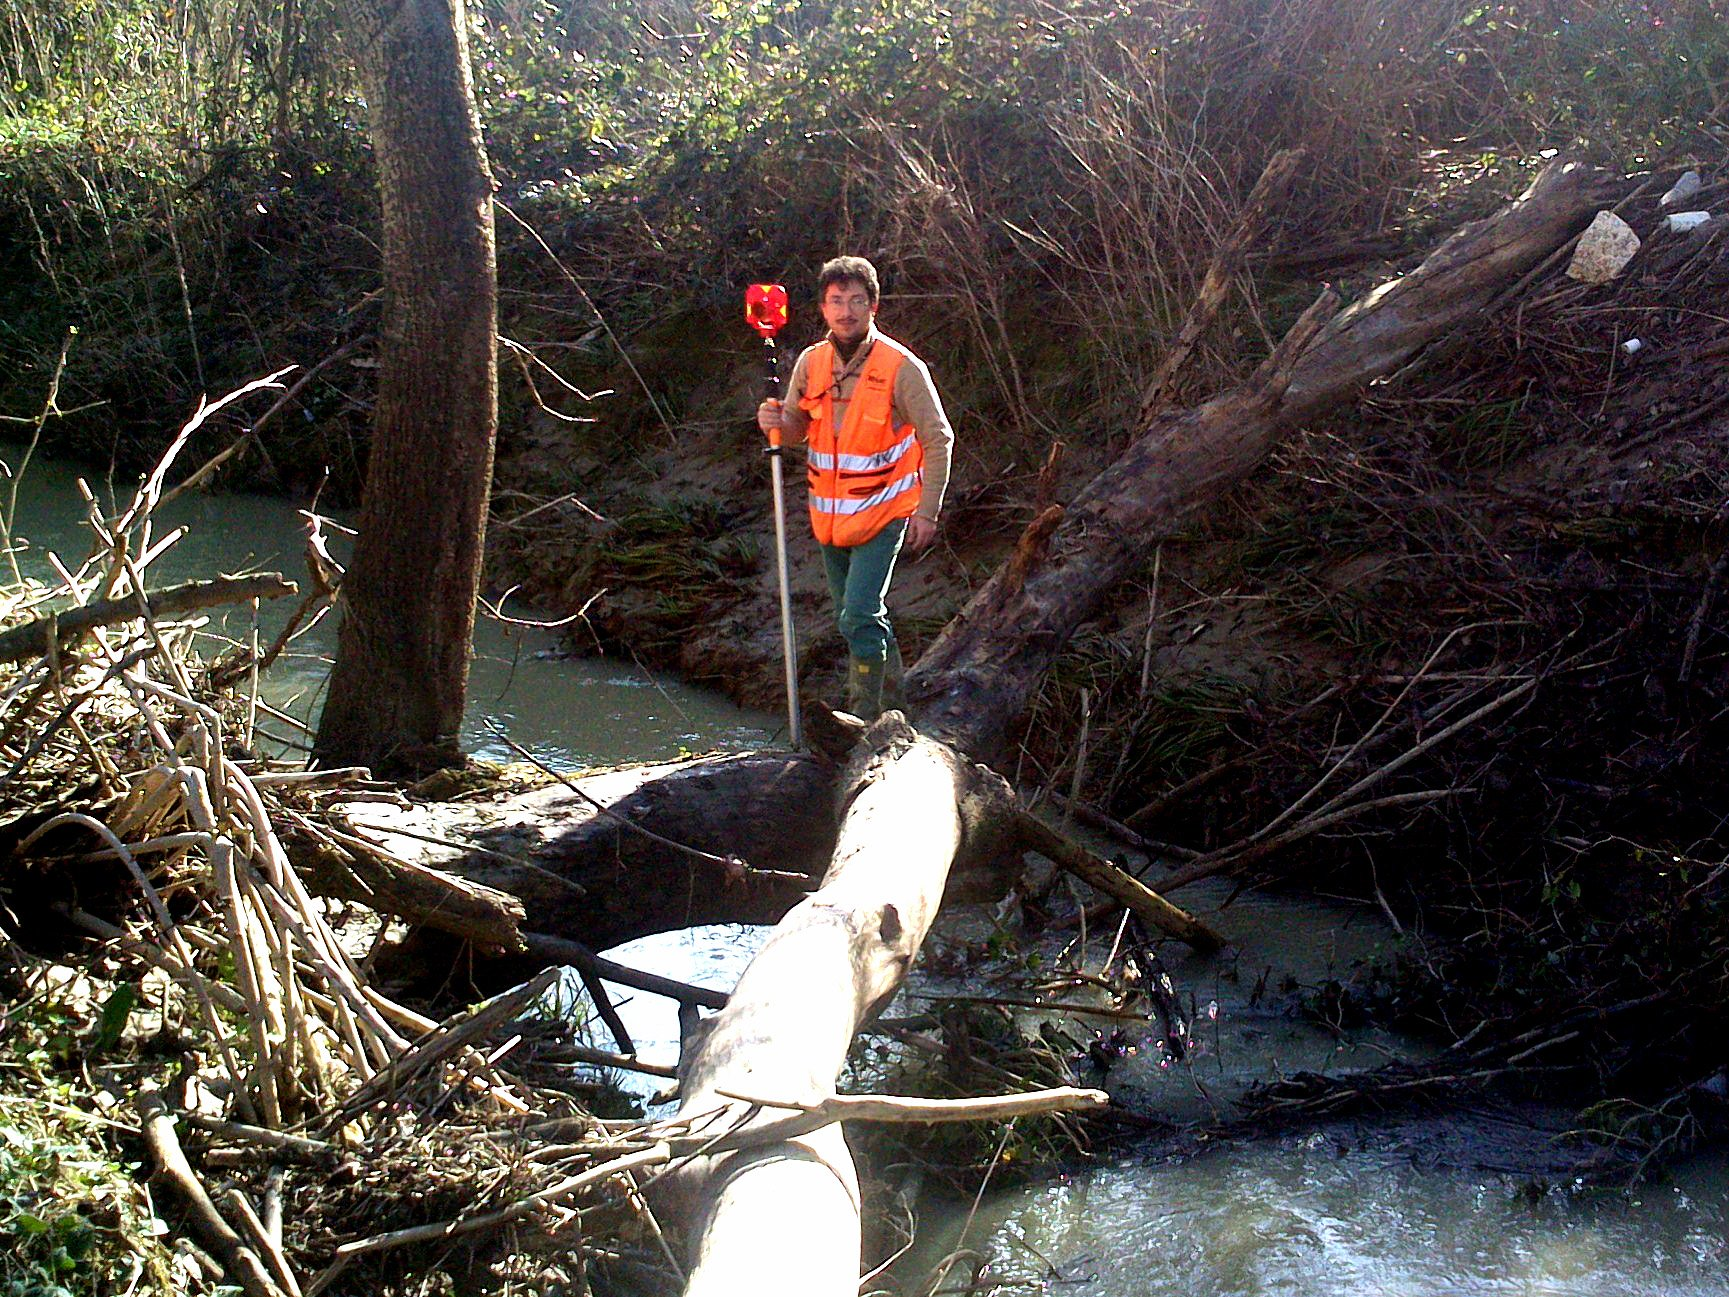 un uomo attraversa un ruscello camminando sul tronco di un albero caduto